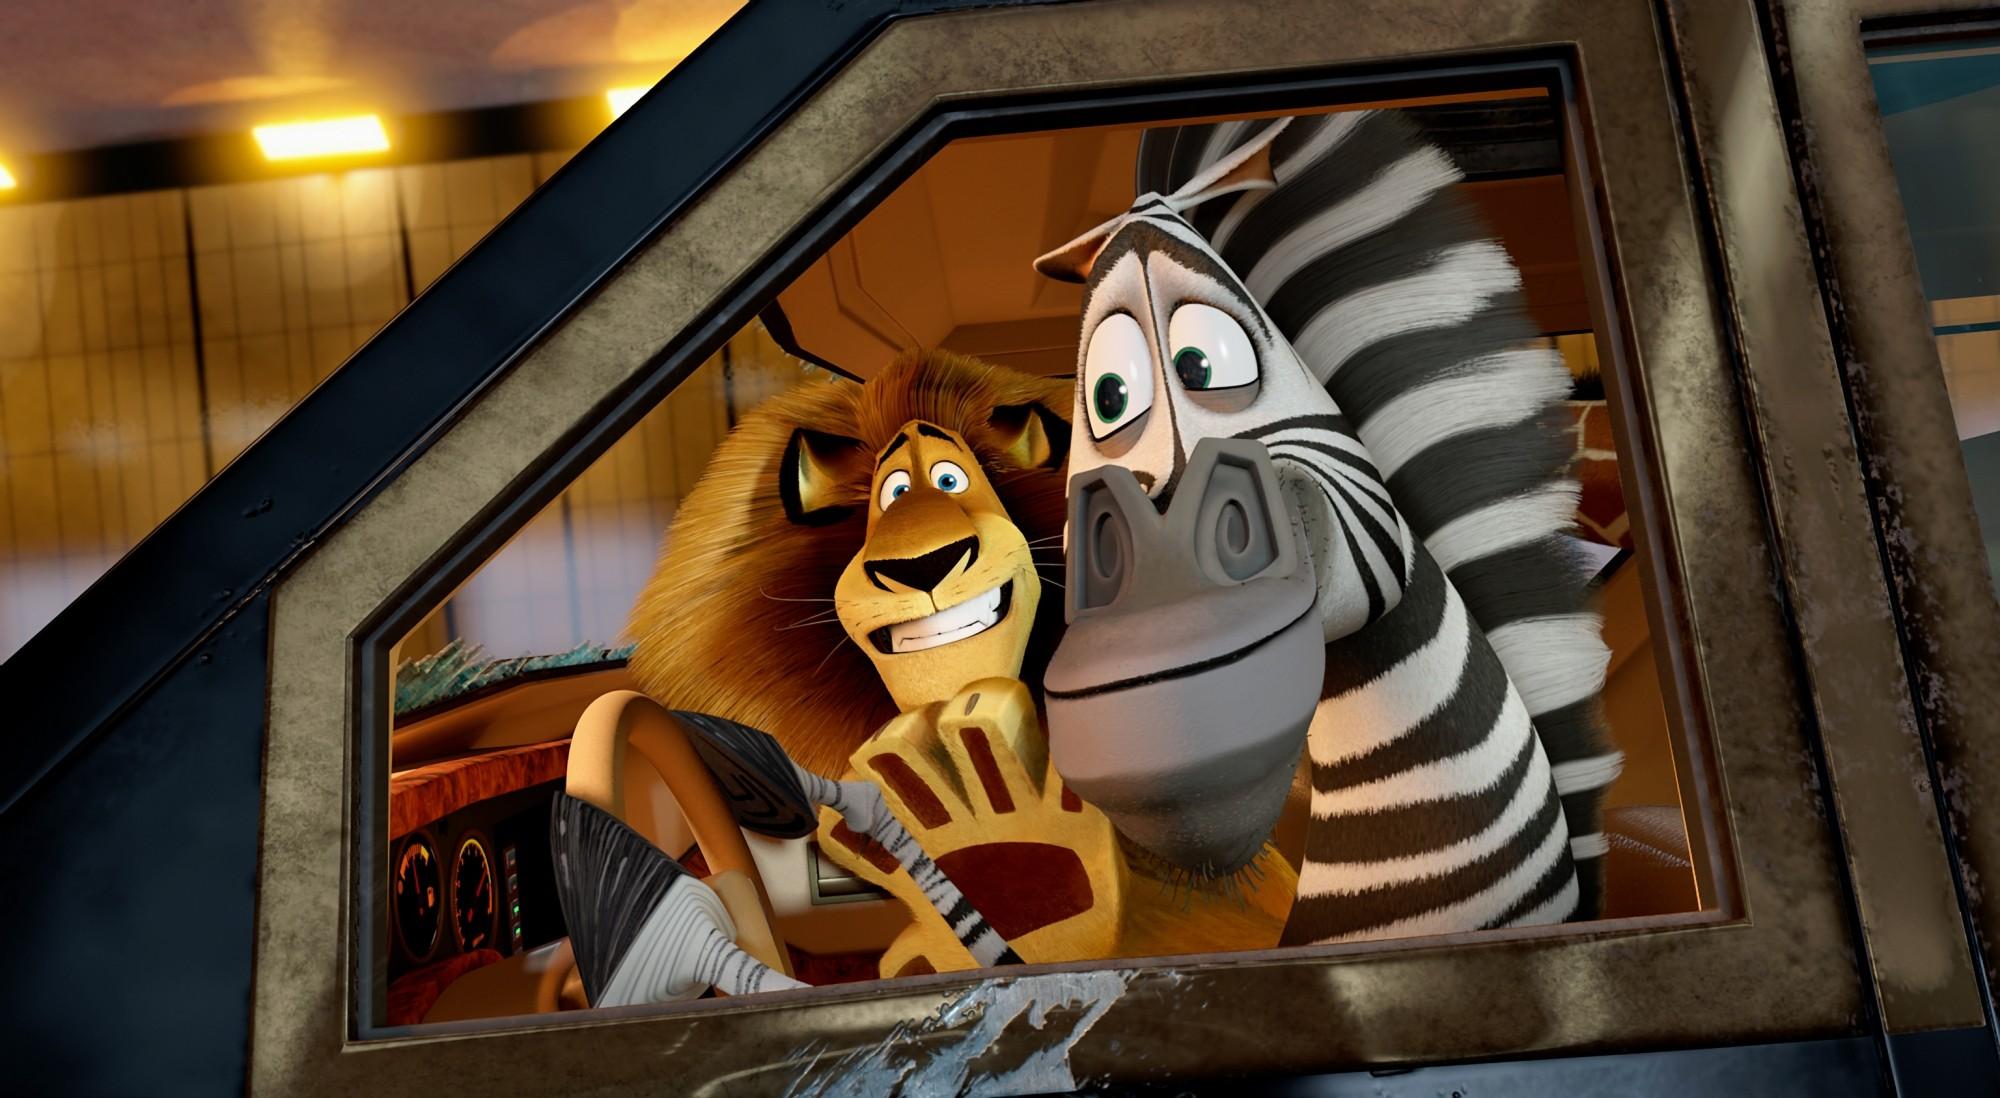 кадры из фильма Мадагаскар 3 в 3D Бен Стиллер, Крис Рок,